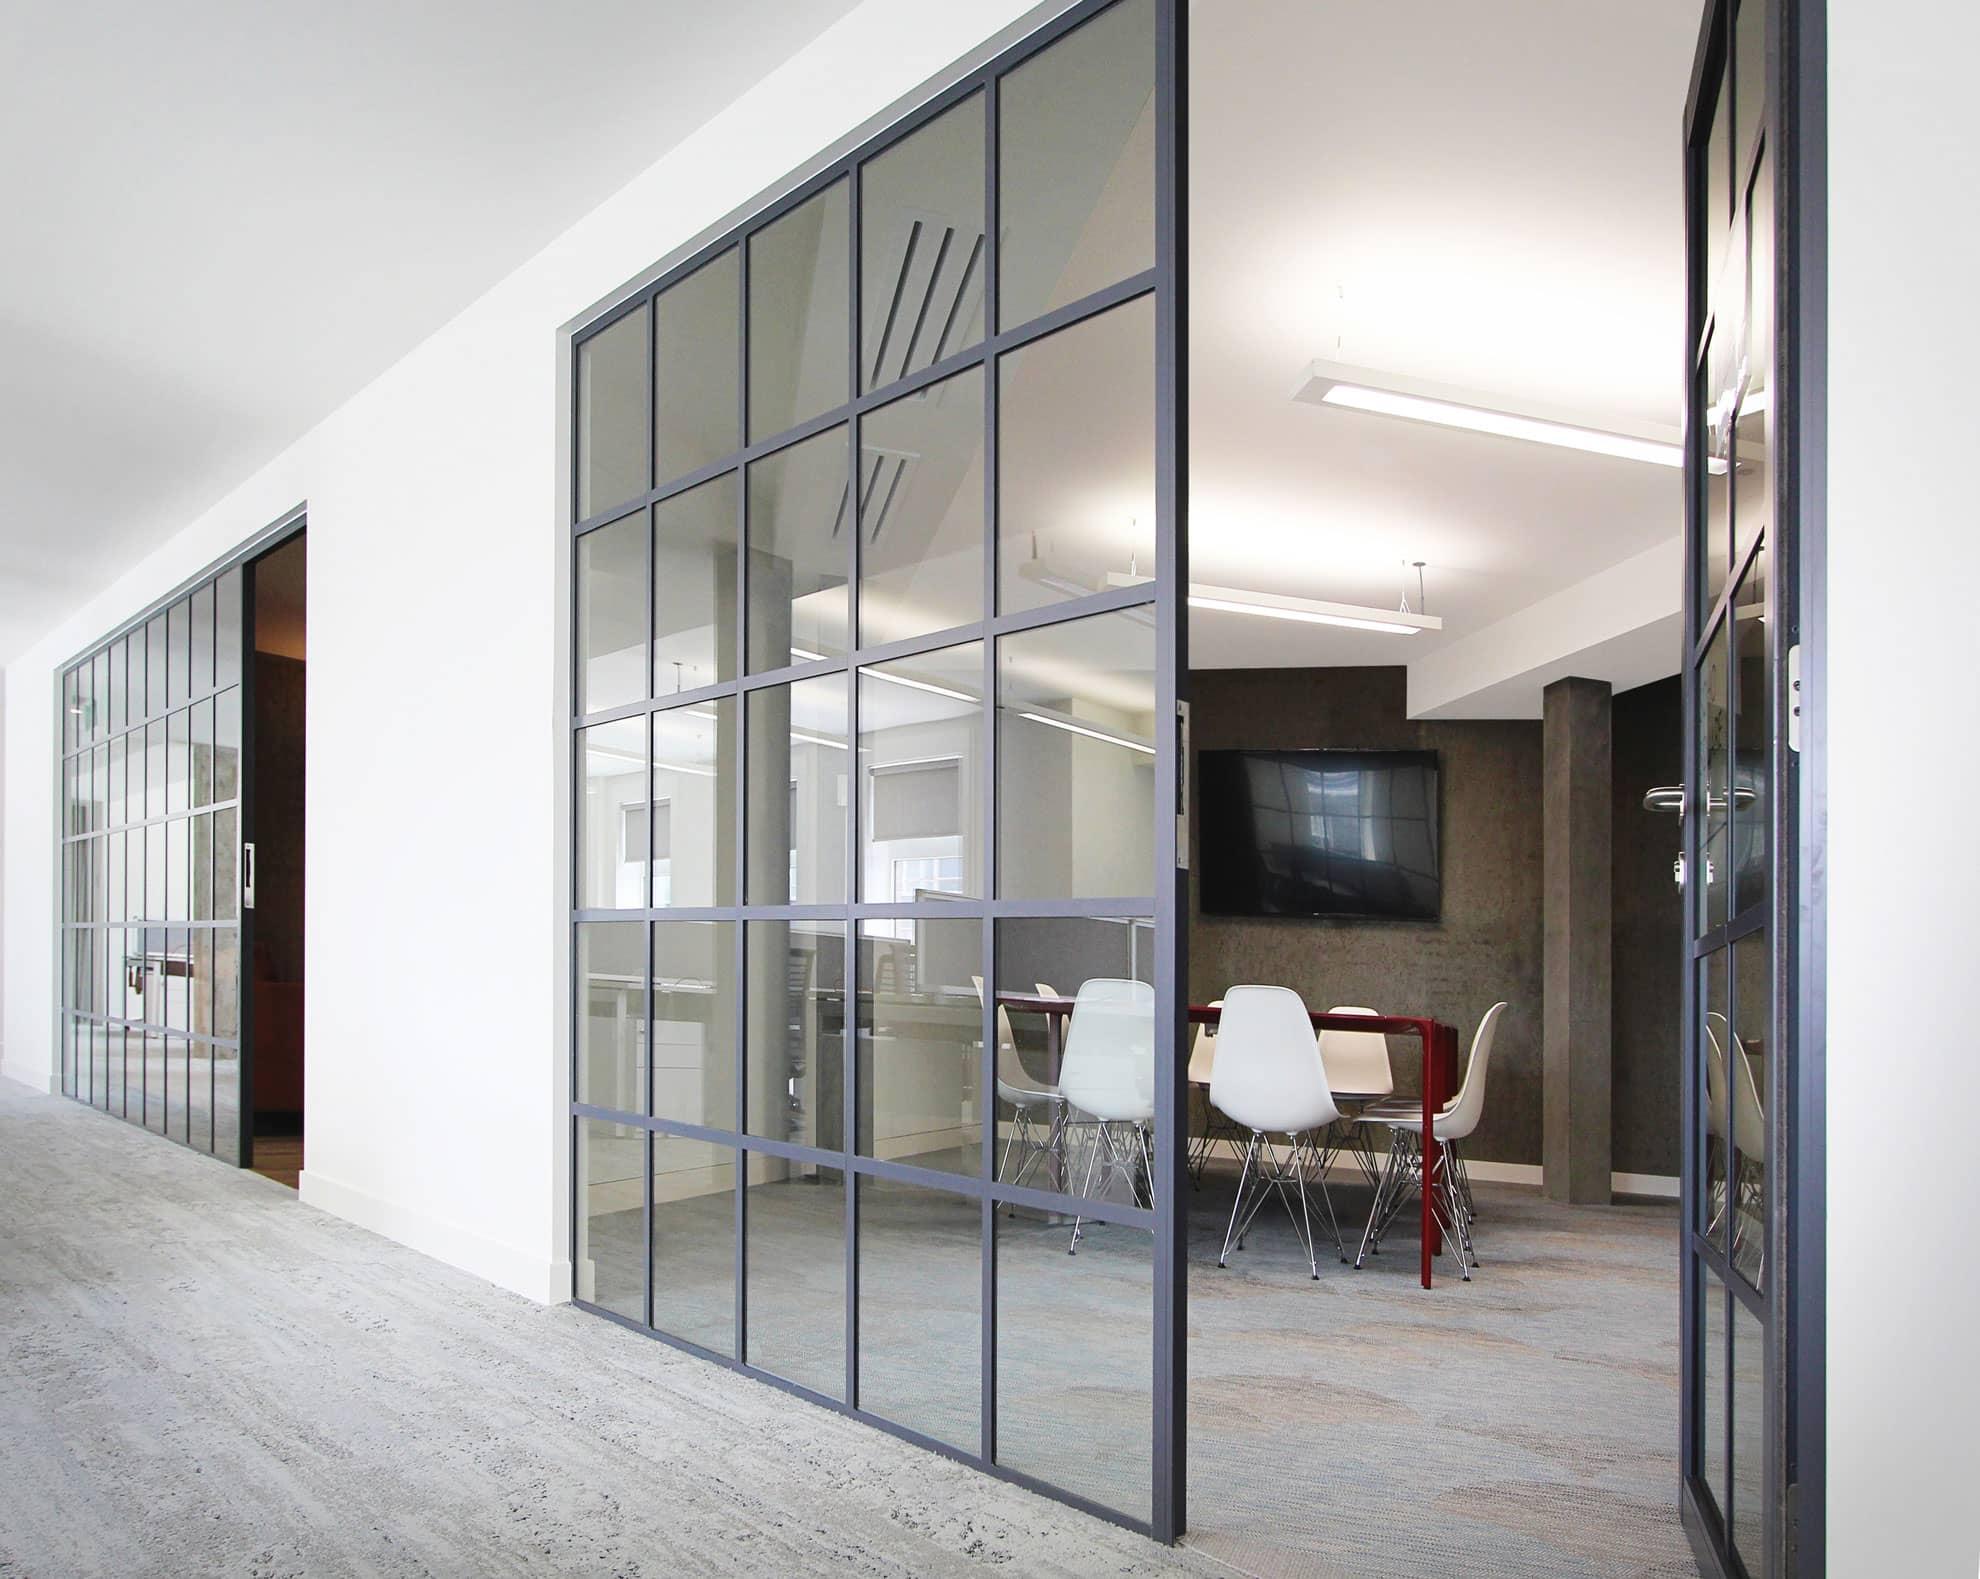 Sash glass wall panel as zoning method